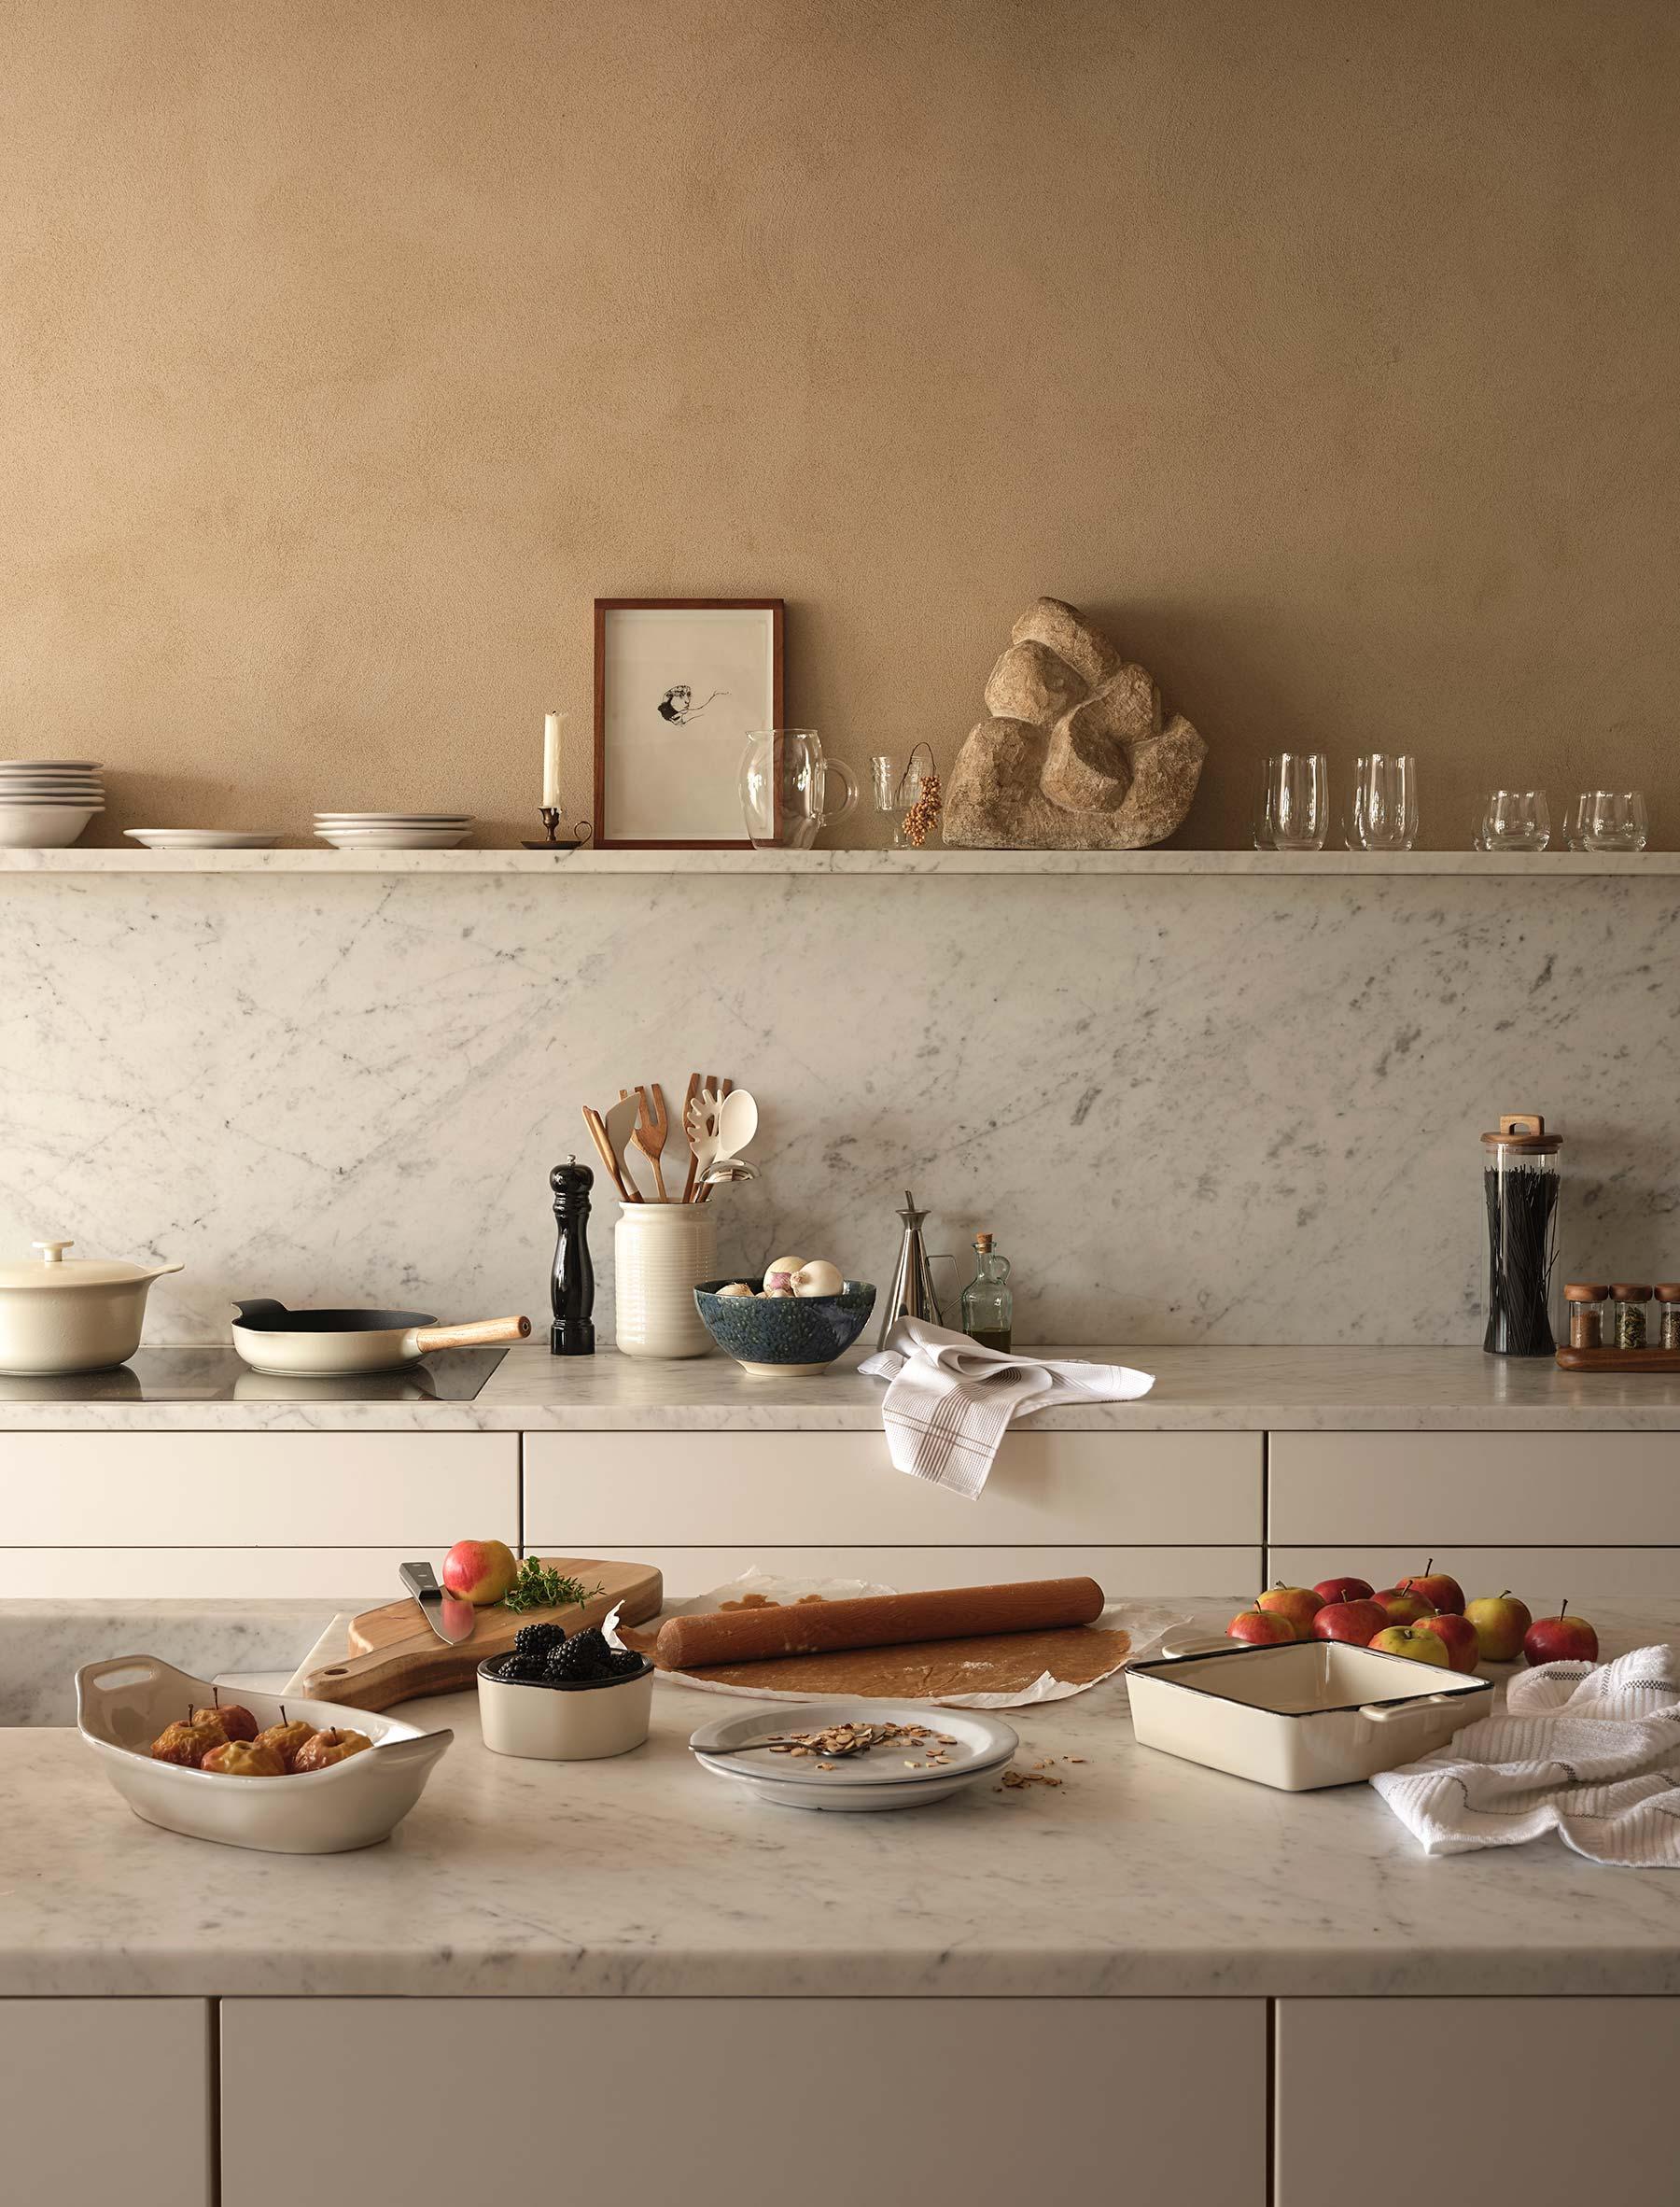 Zara Home FW 2019 kitchen